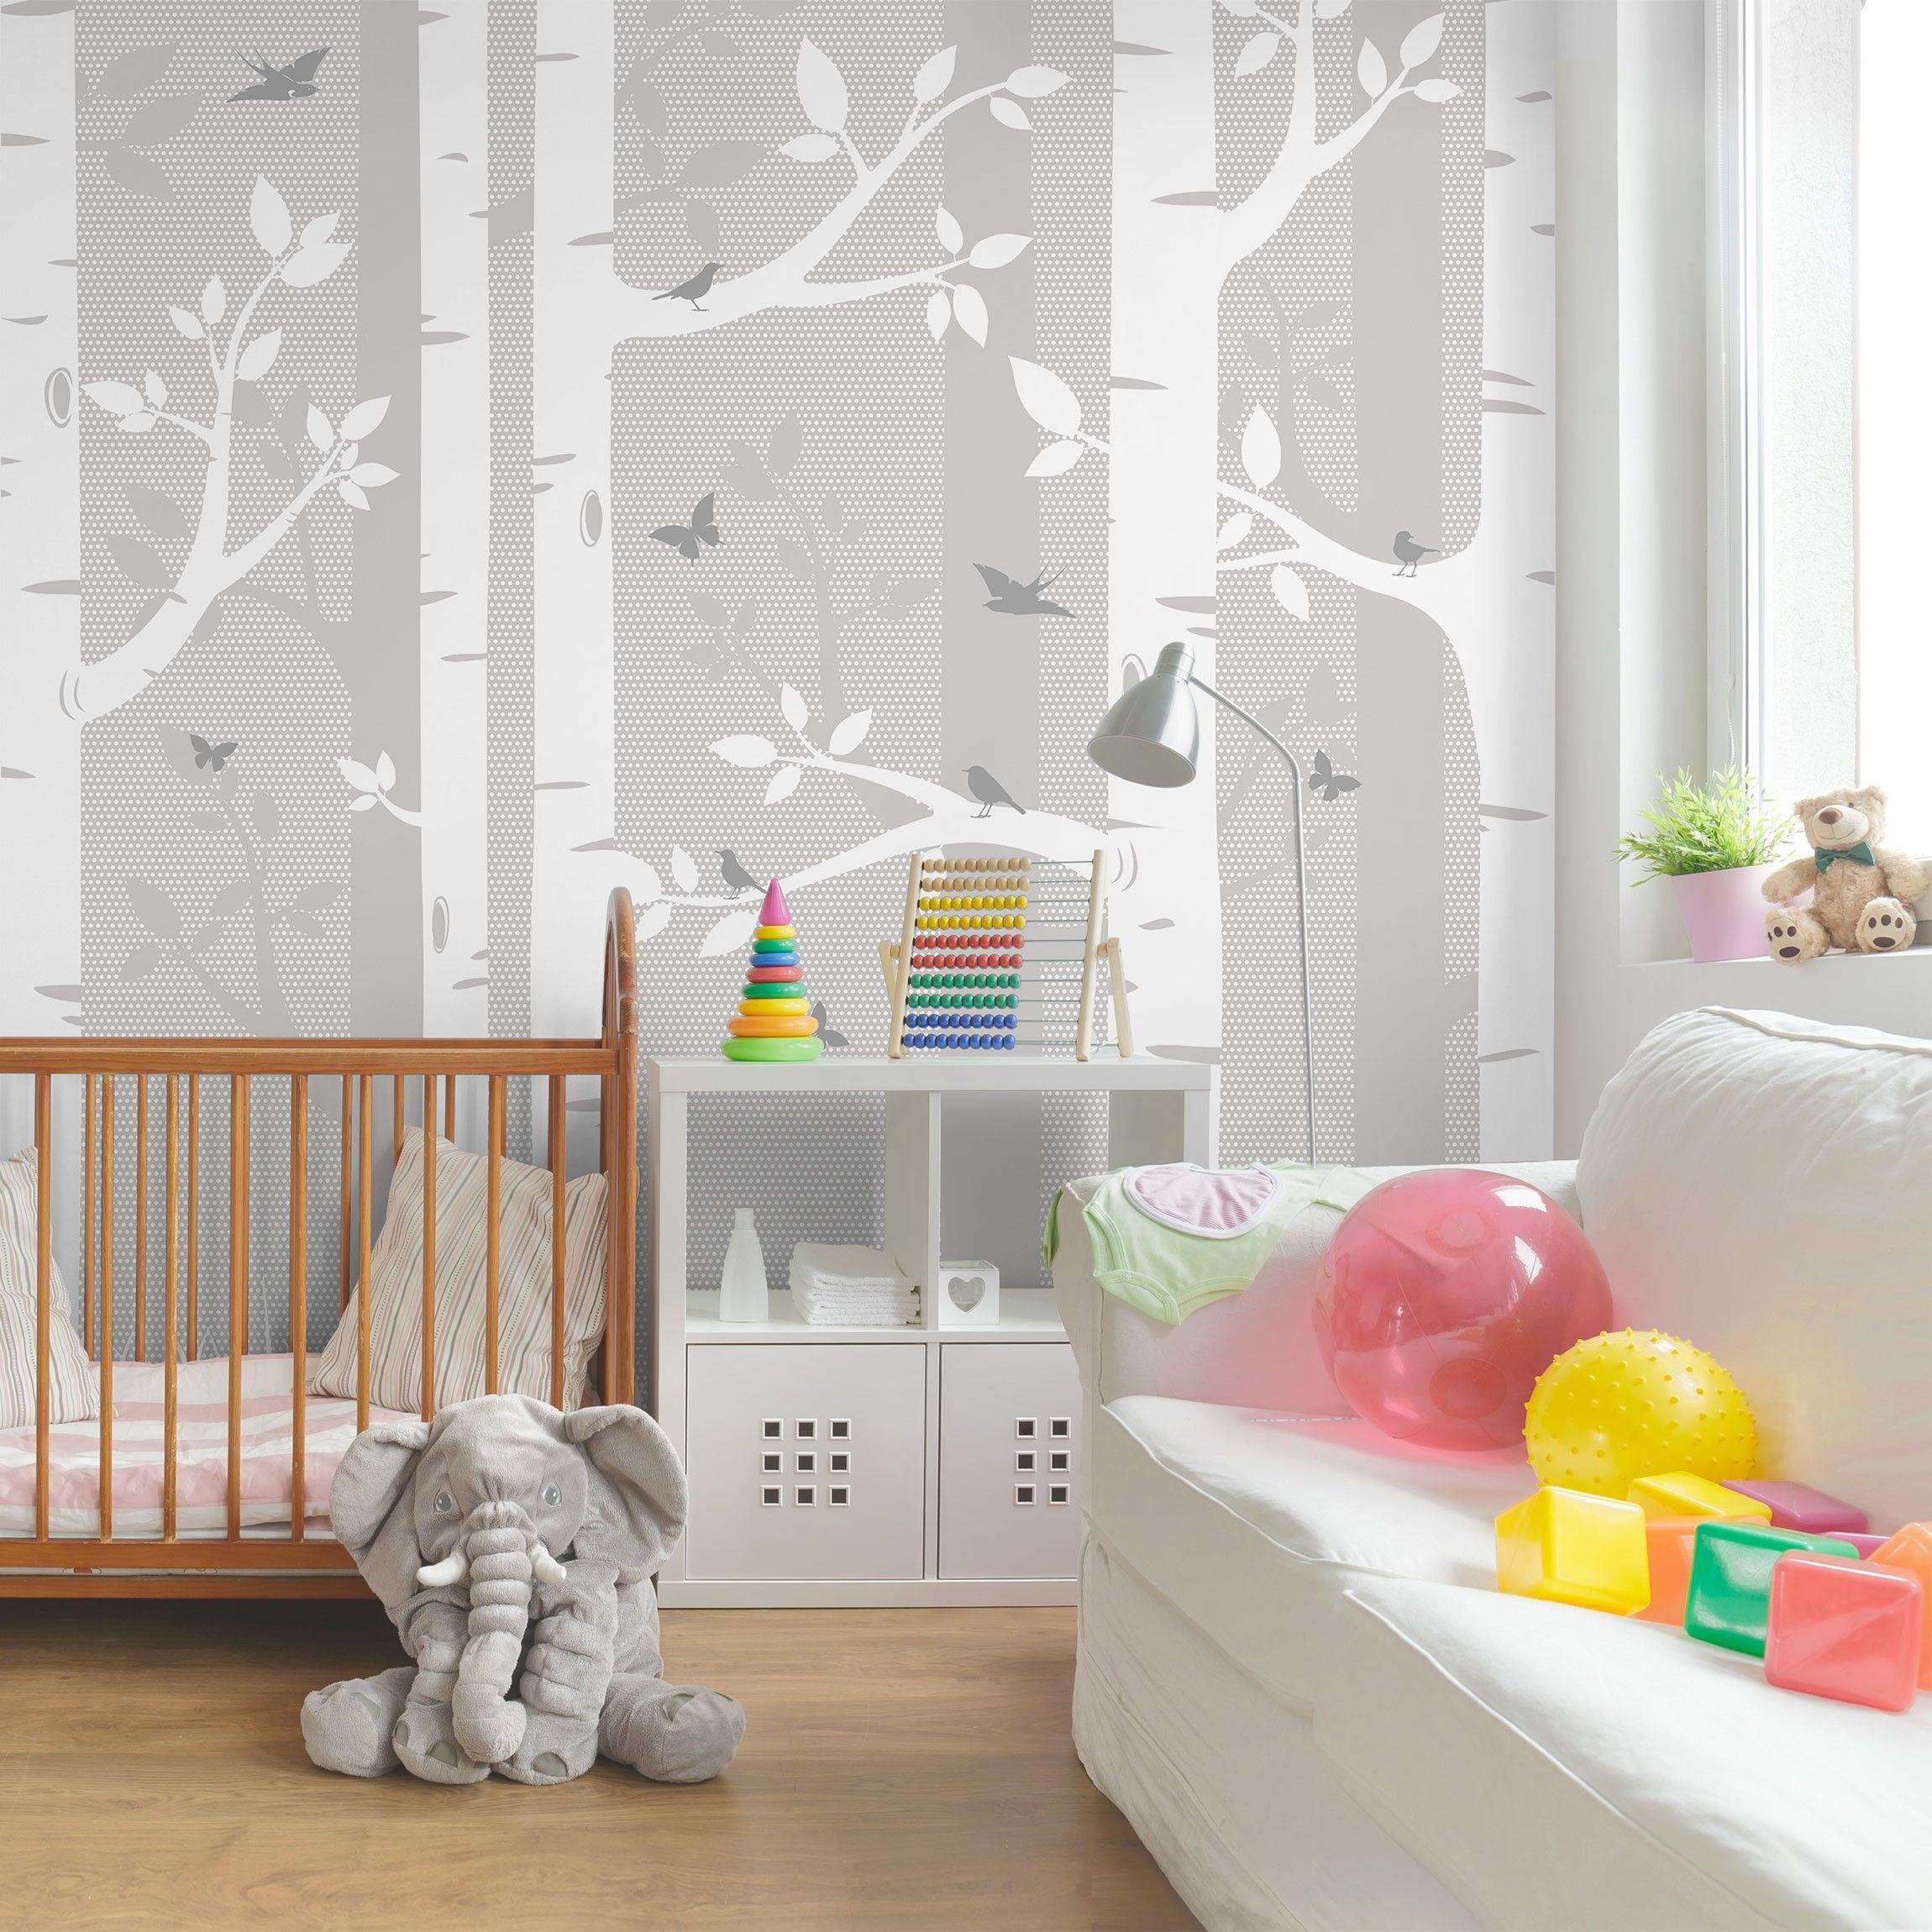 fototapete wald - birkenwald mit schmetterlingen und vögel grau, Wohnzimmer dekoo